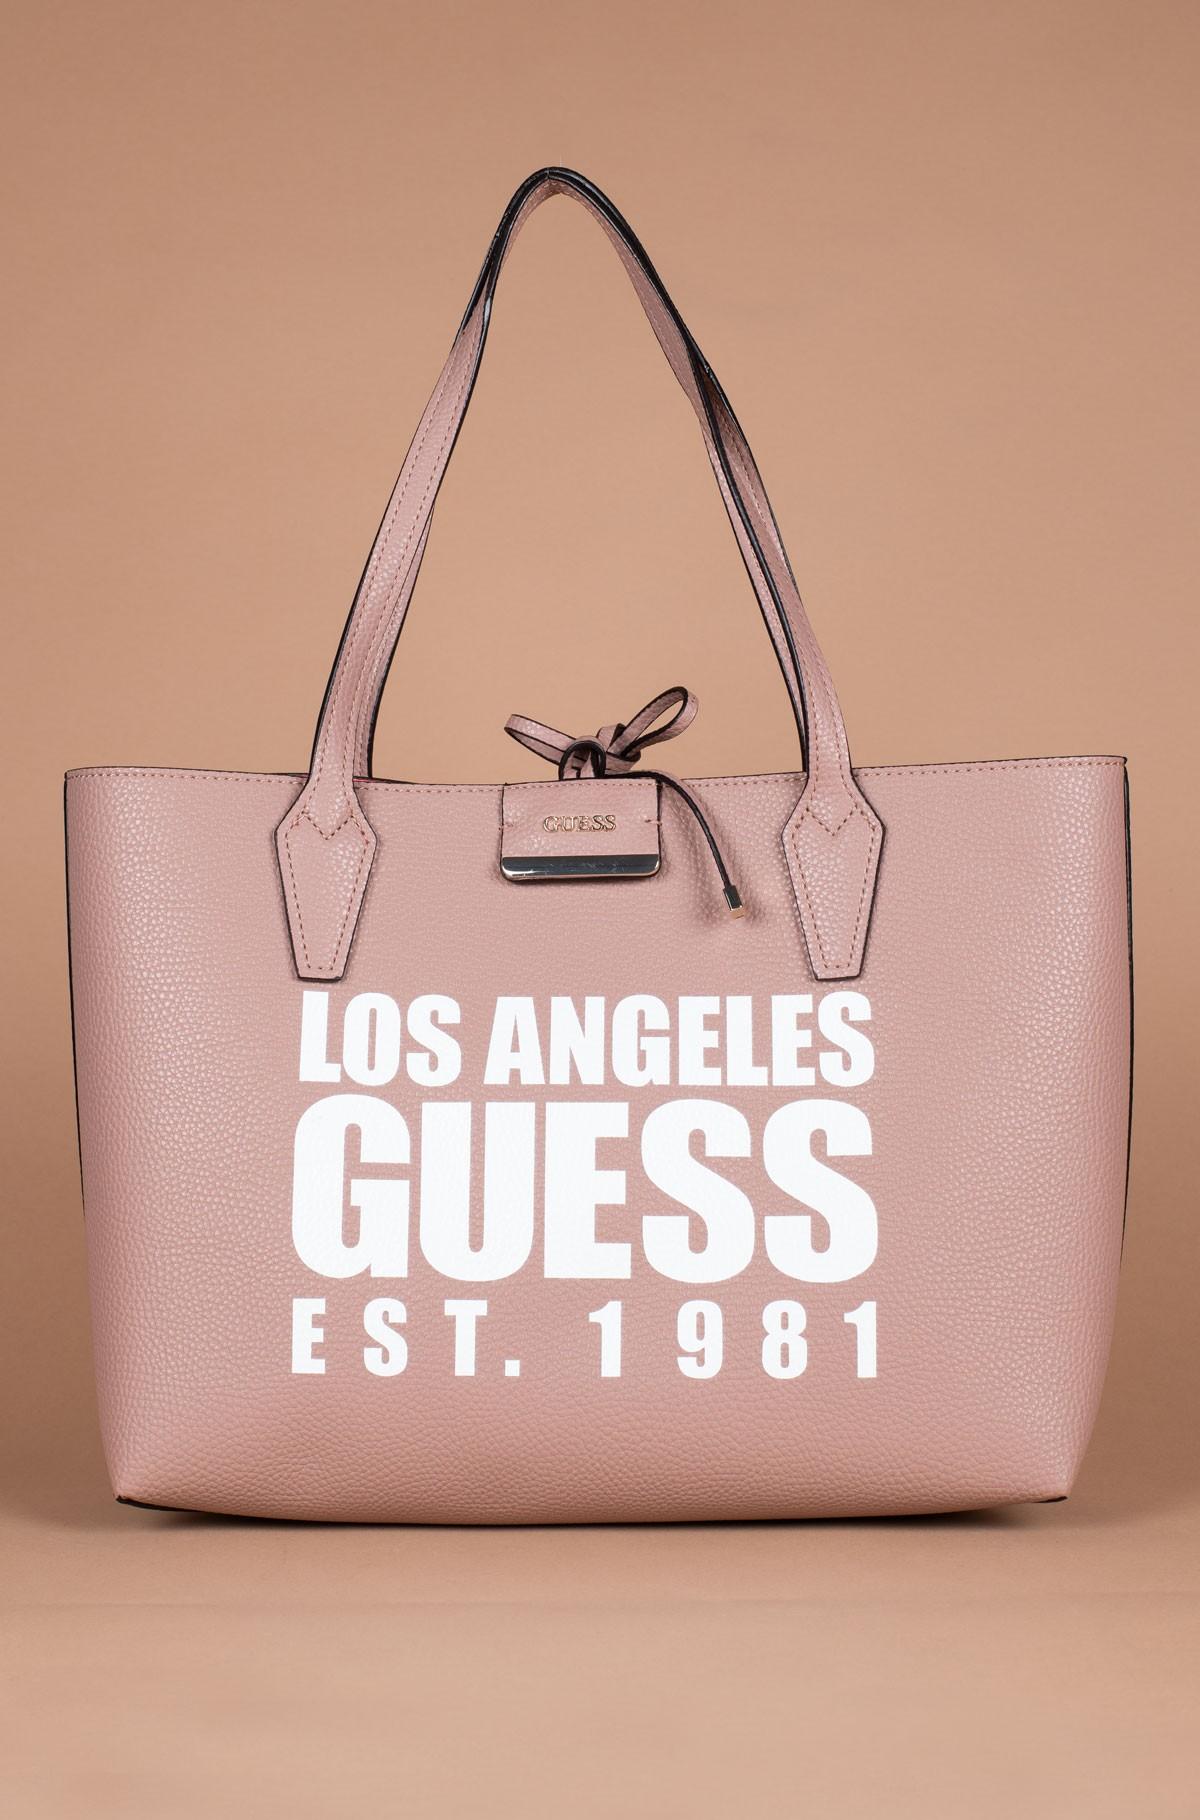 Handbag HWAF64 22150-full-1